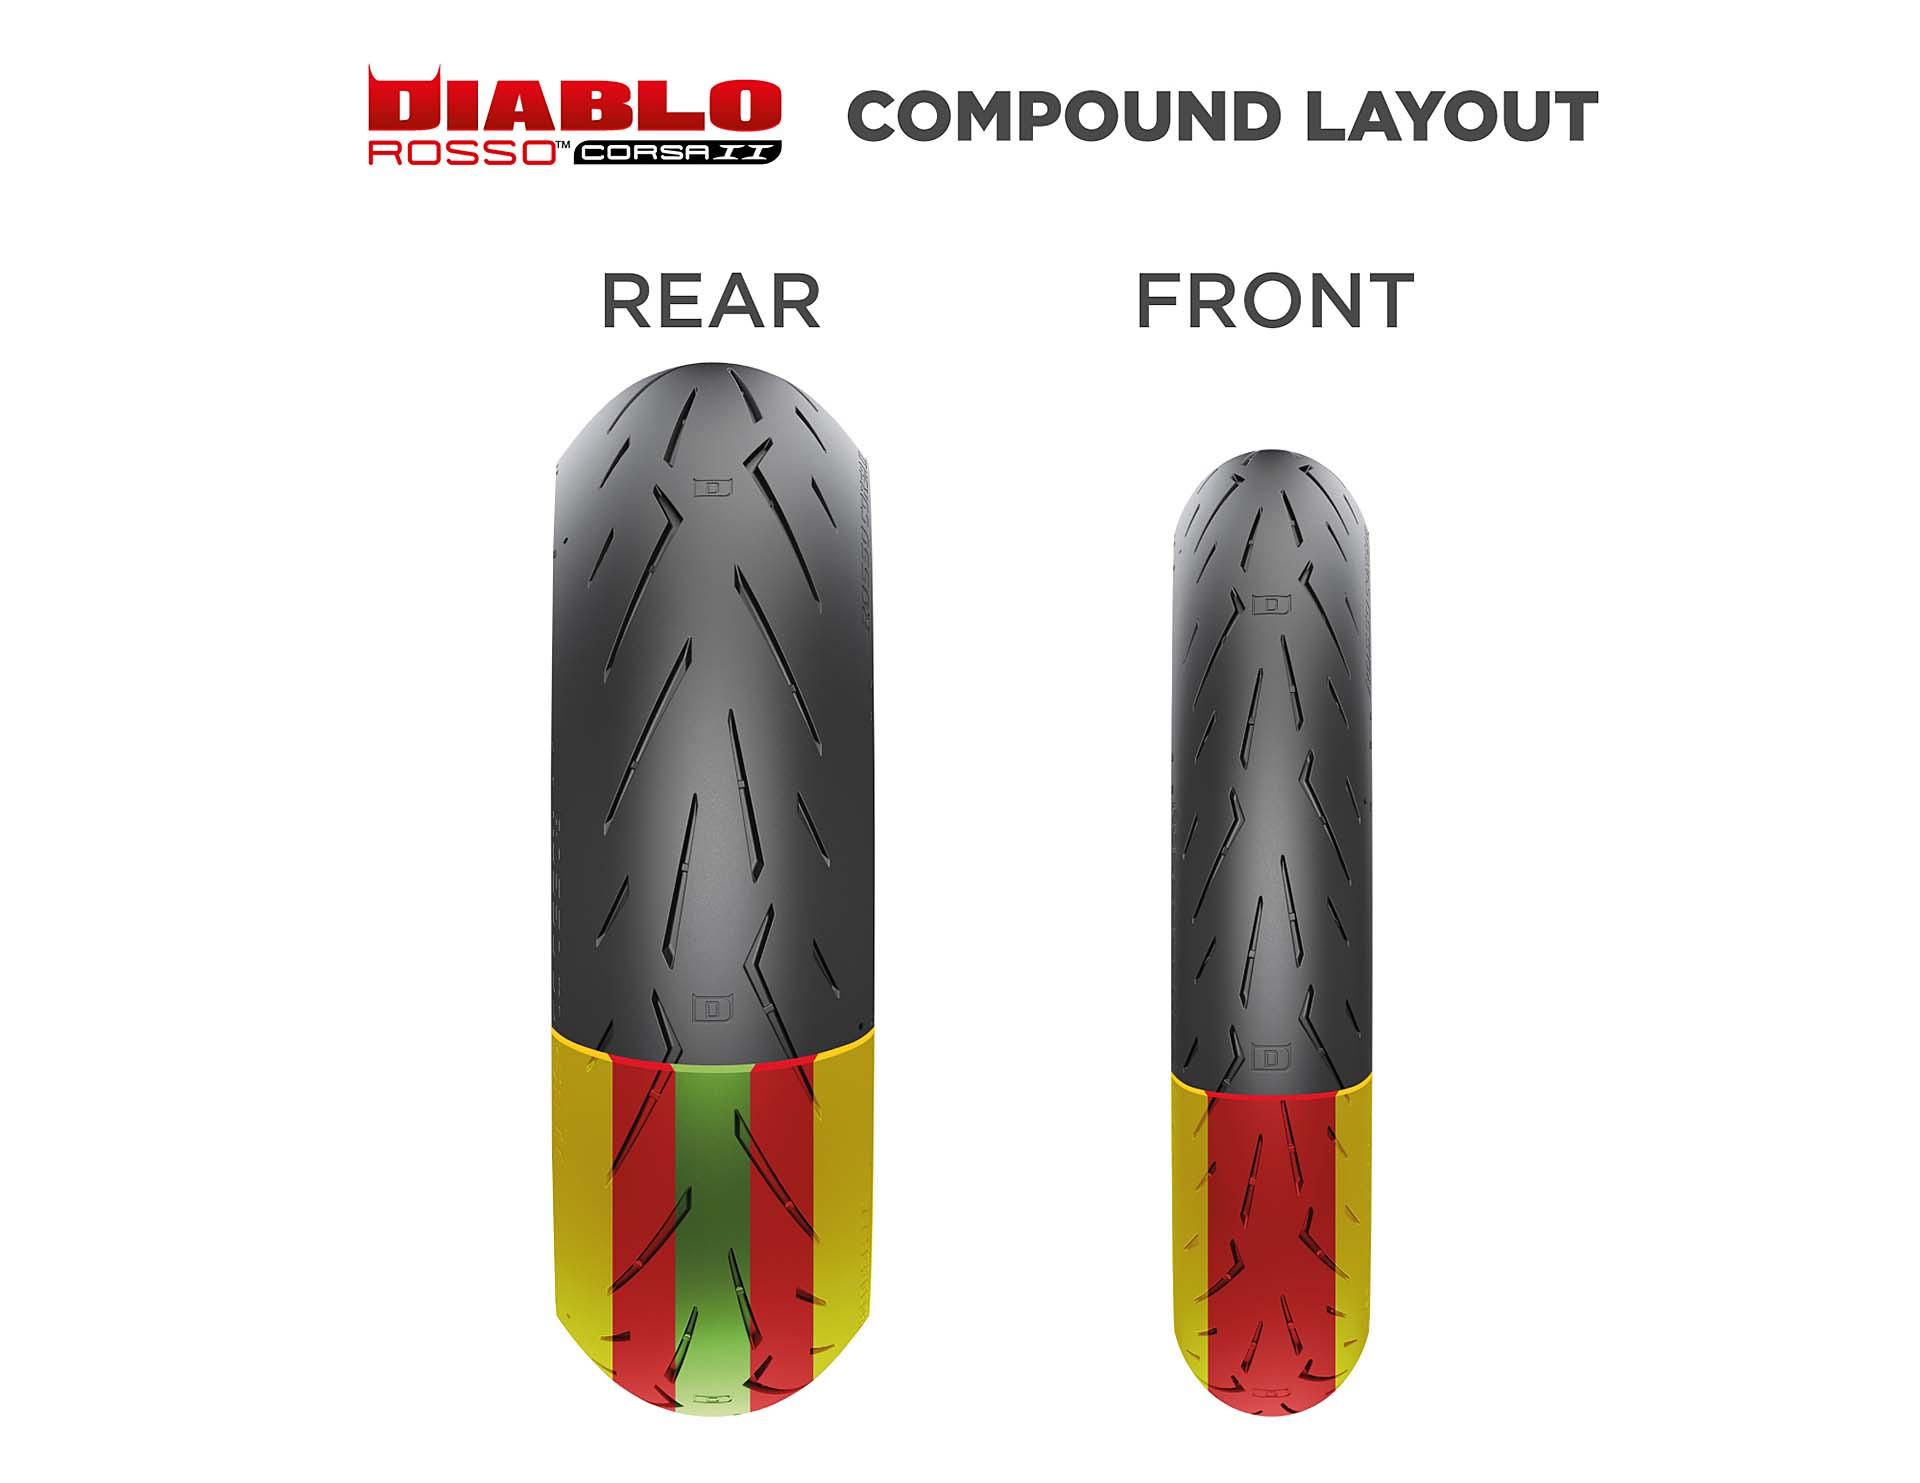 Pirelli Diablo Rosso Corsa II - multimescola